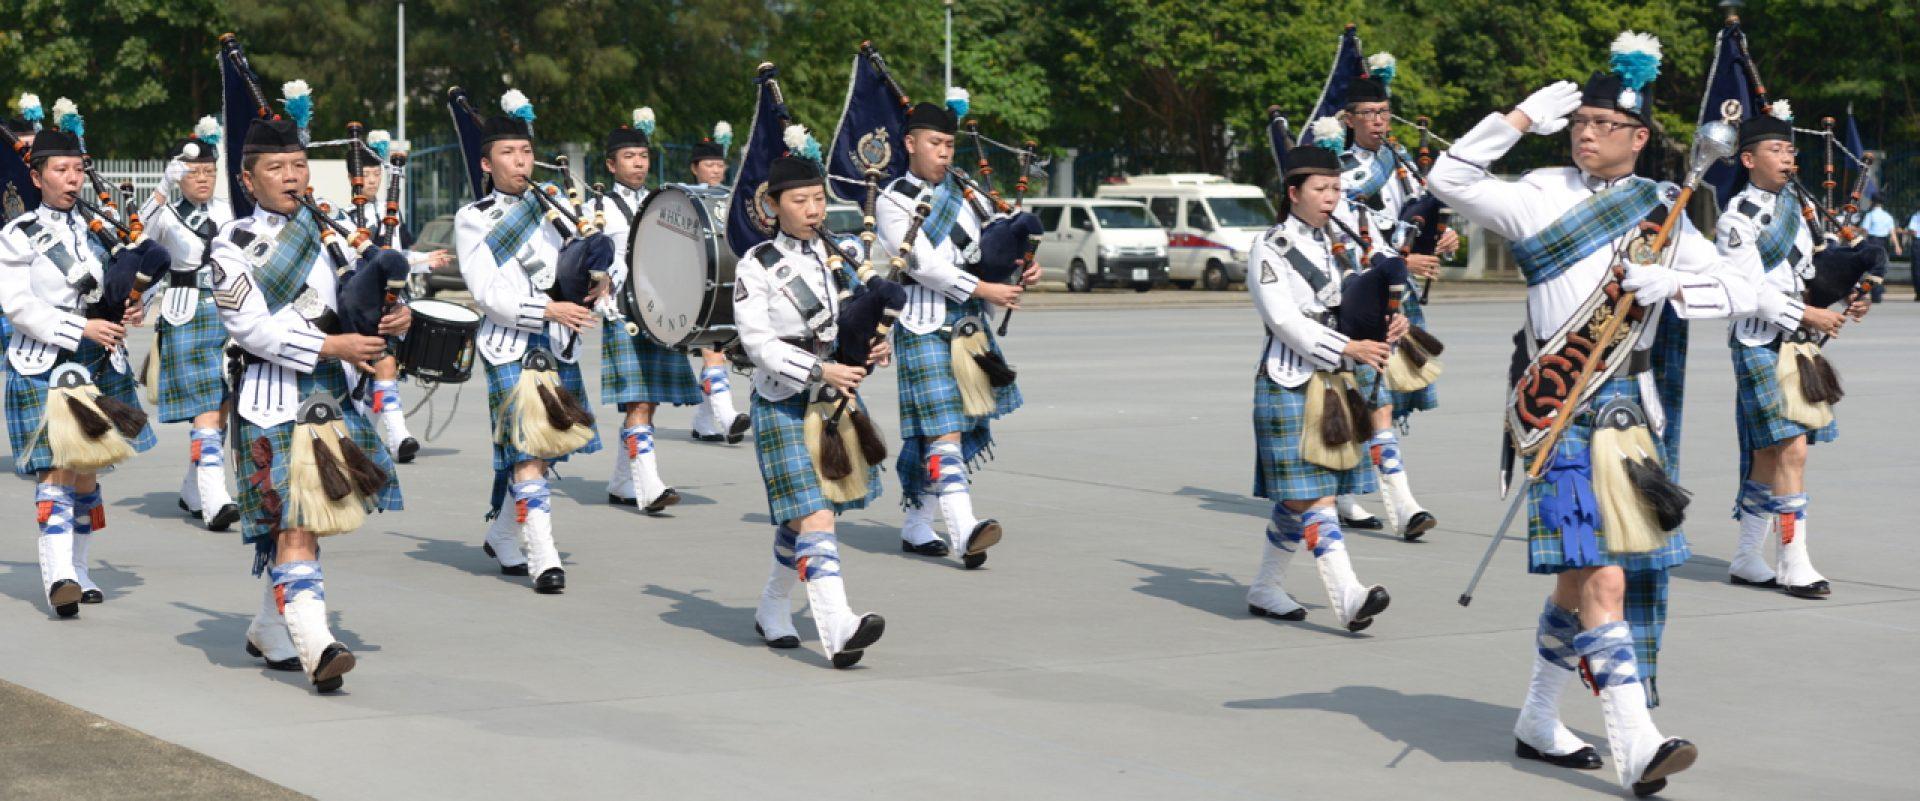 HKAP Band Cadre